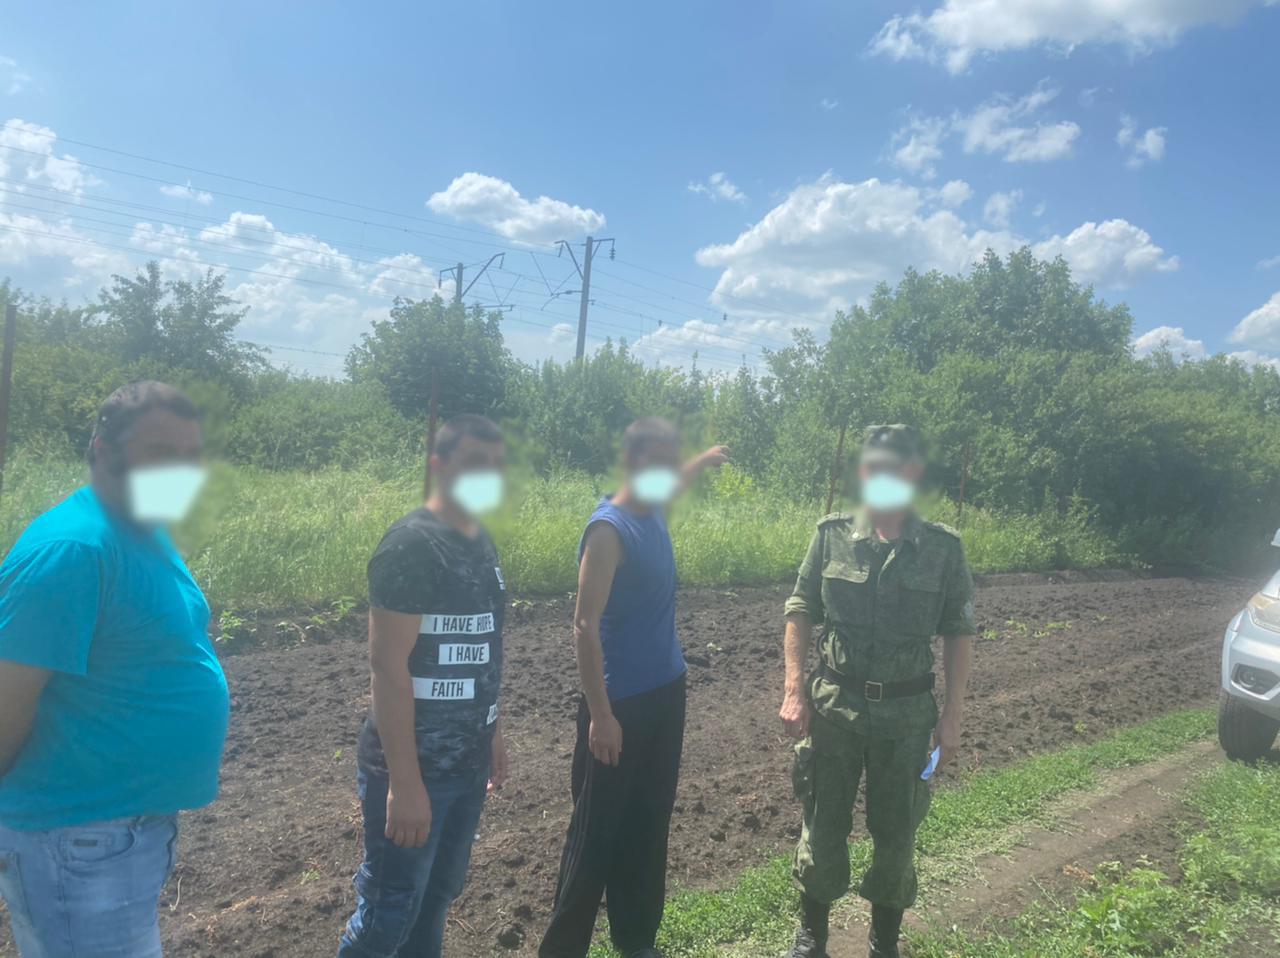 Депортированный гражданин Украины задержан в Ростовской области при попытке перейти границу